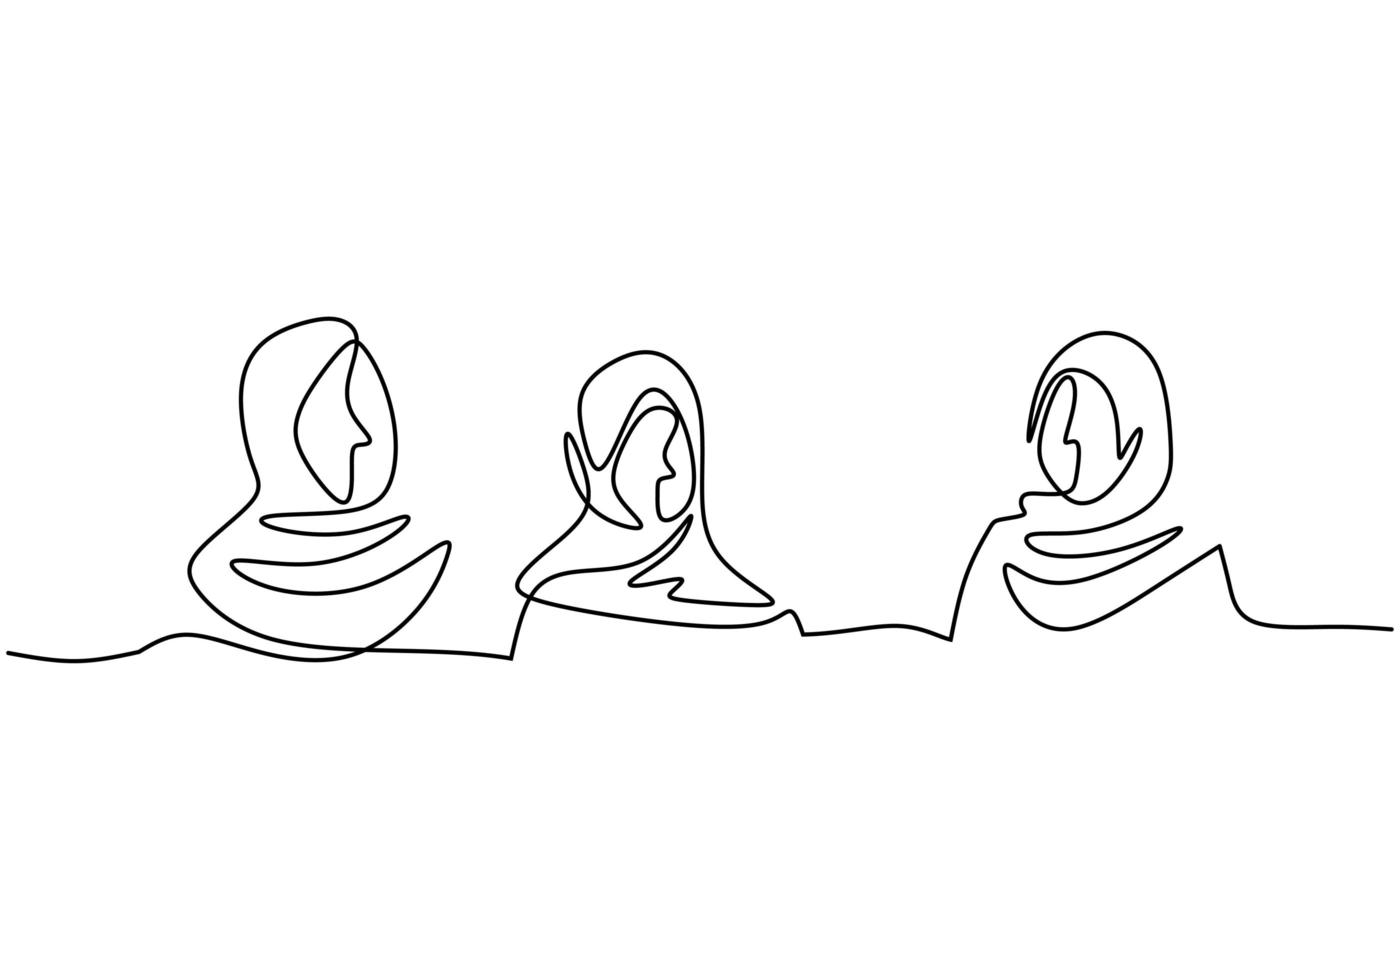 doorlopende lijntekening van vrouw. staan met vertrouwen. vector